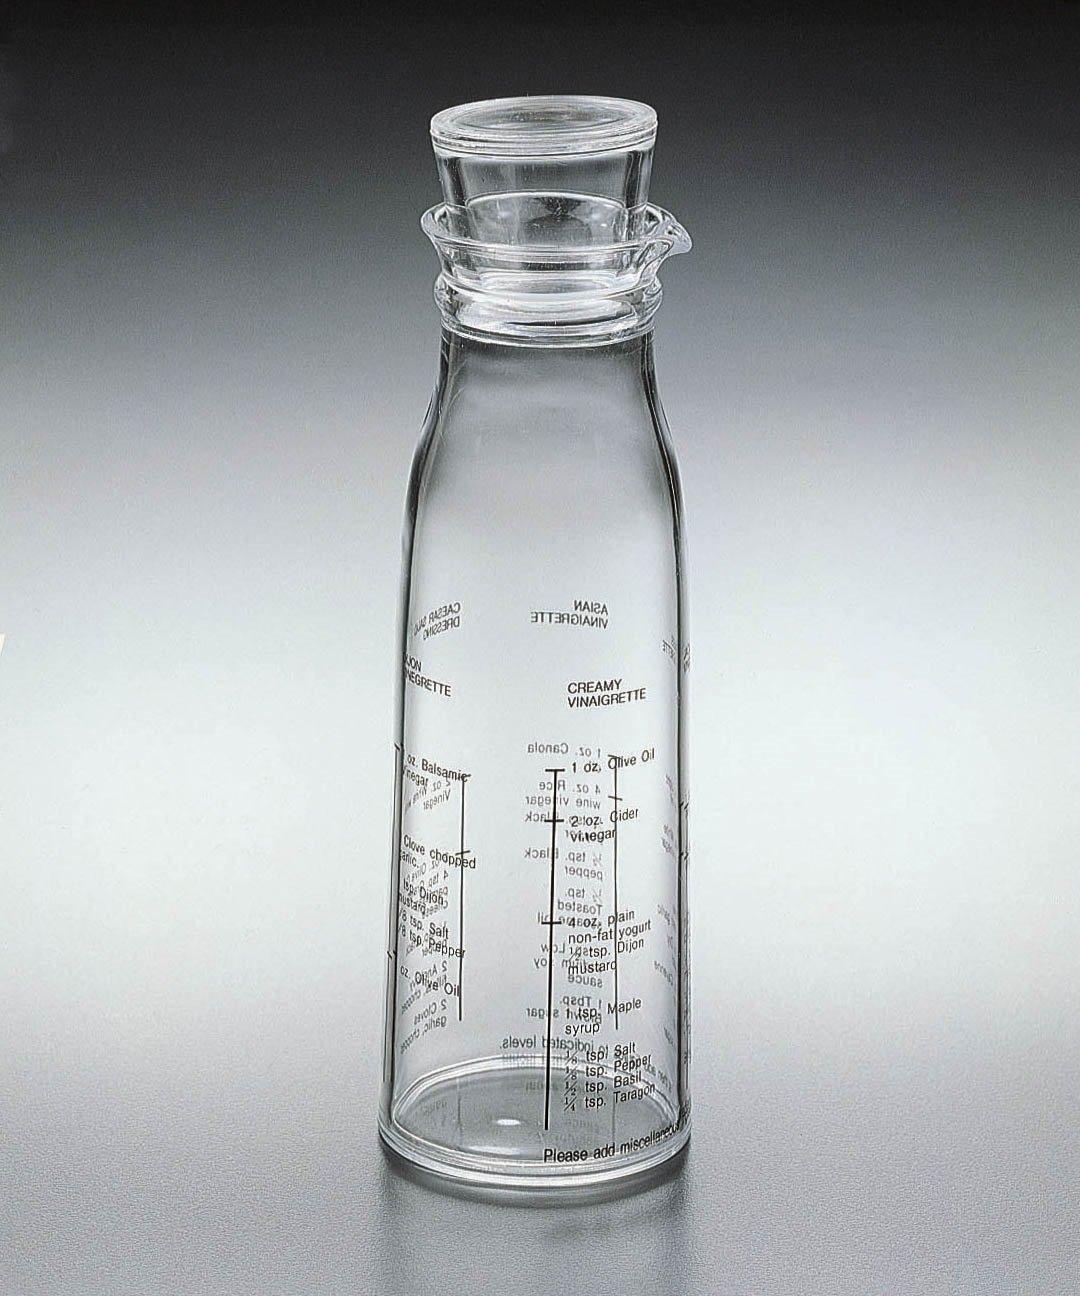 Acrylic Lucite Dressing / Vinigerette Mixer bottle